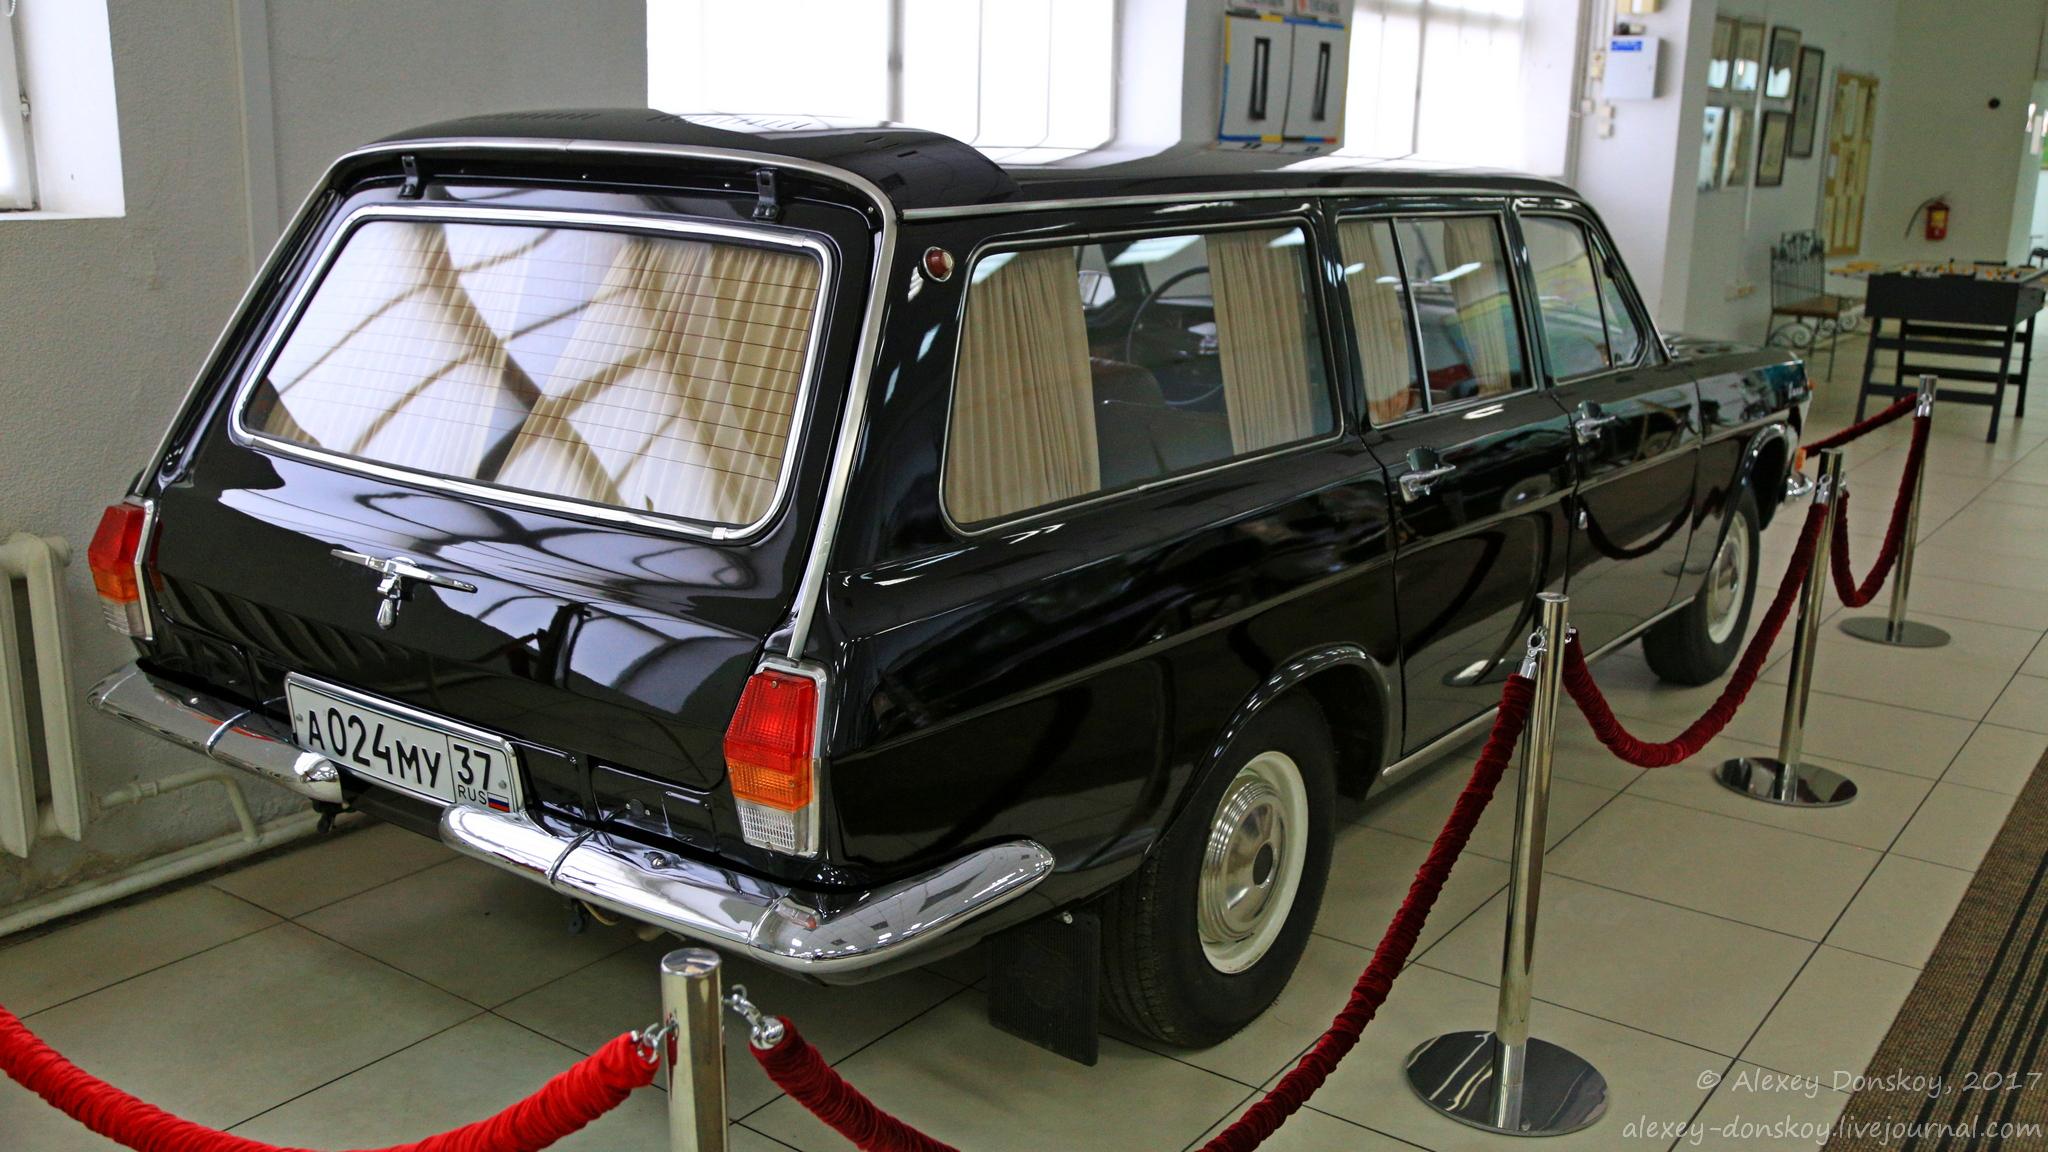 поиск, поставщики фото ссср авто в музеях является символом